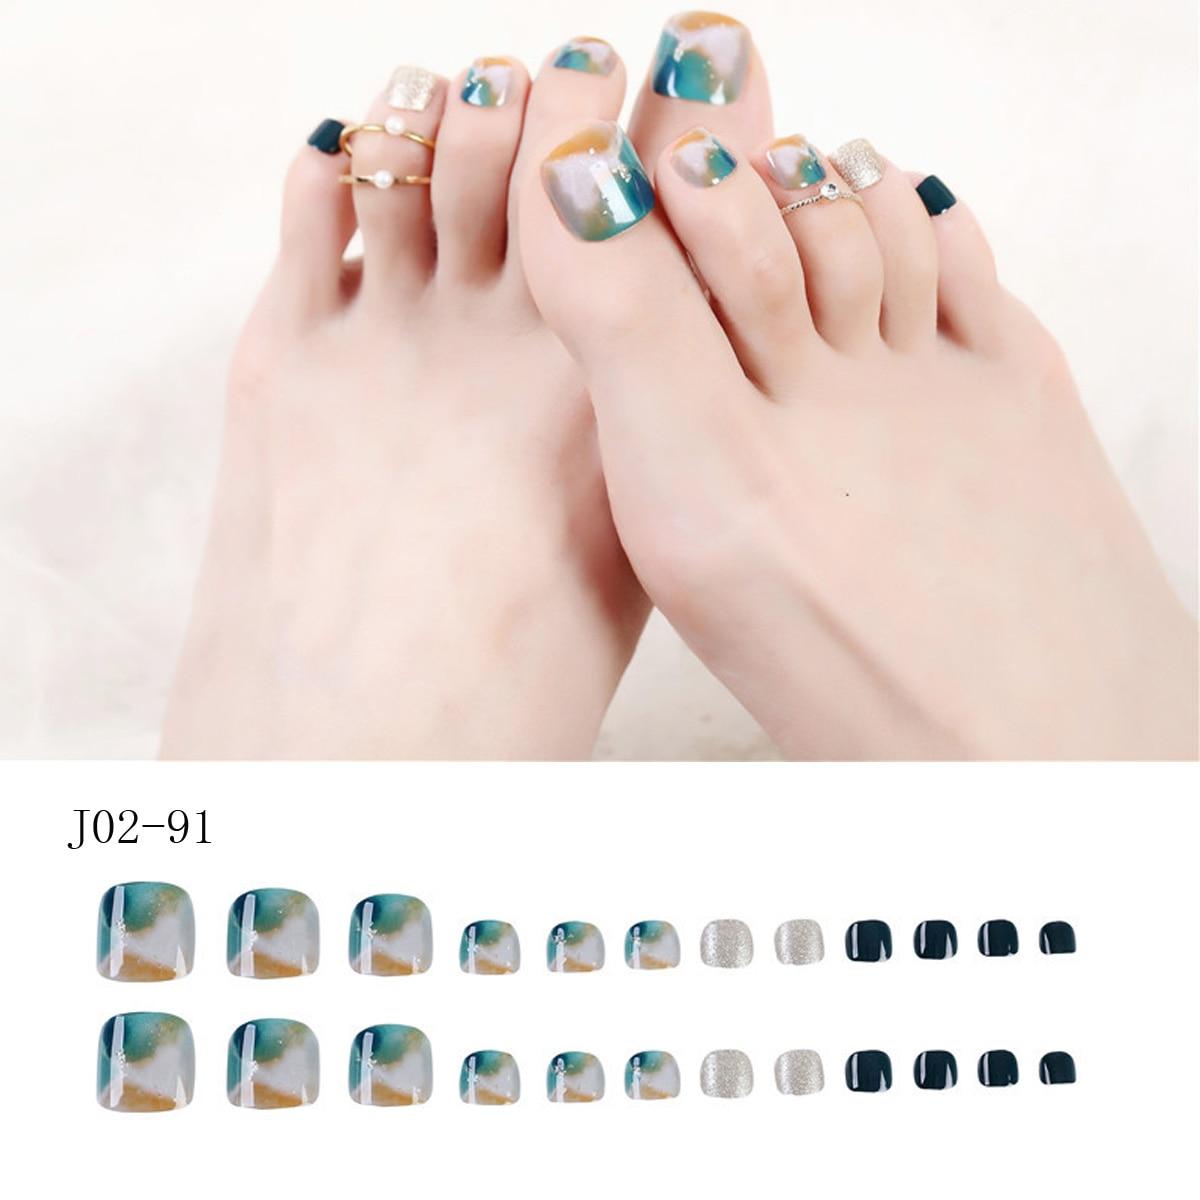 Купить 24 шт роскошные стразы с фальшивым носком для ногтей маникюрные